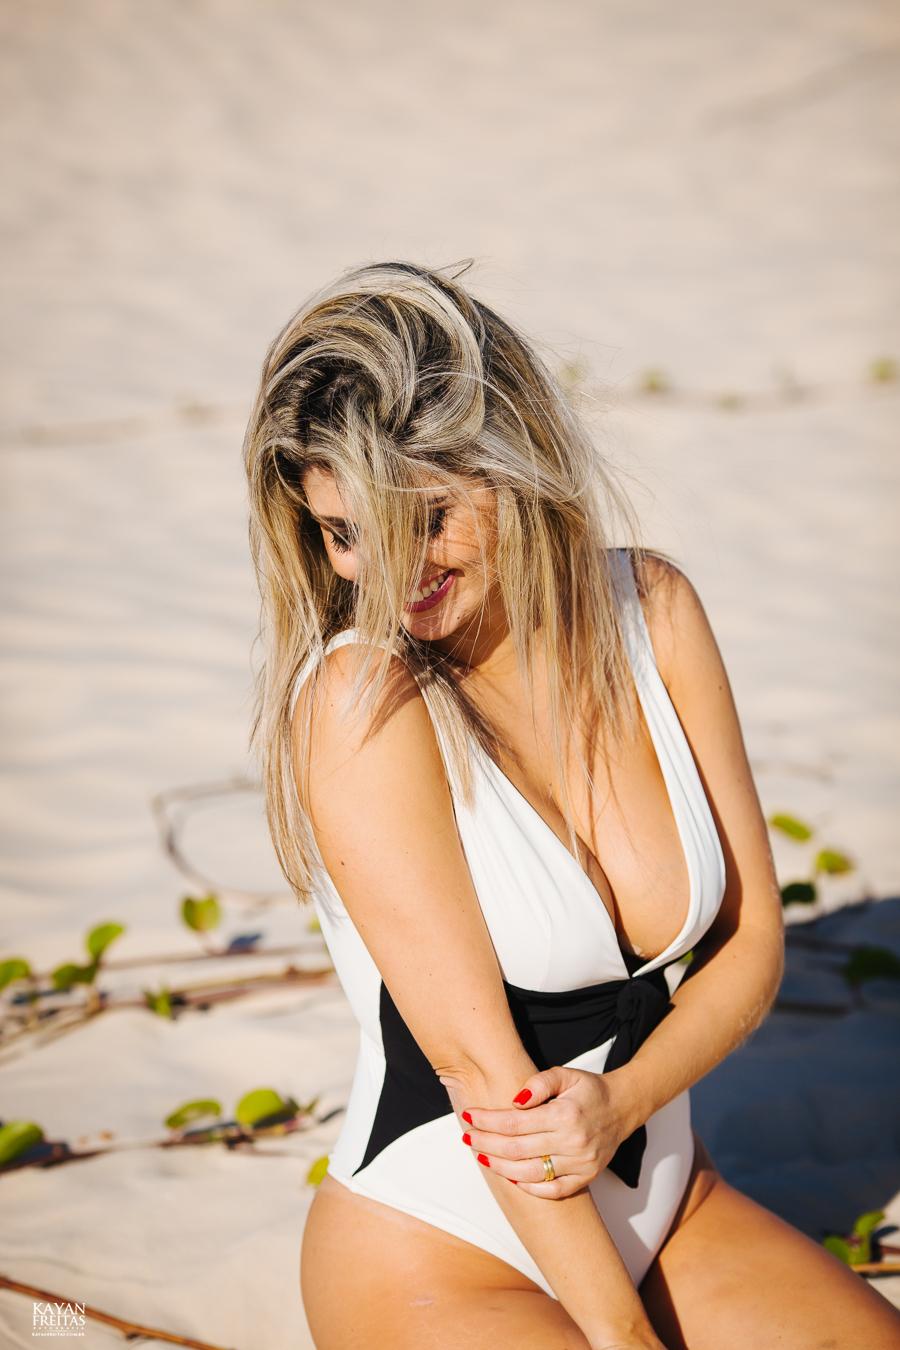 fernanda-canella-0019 Fernanda Canella - Sessão Fotográfica